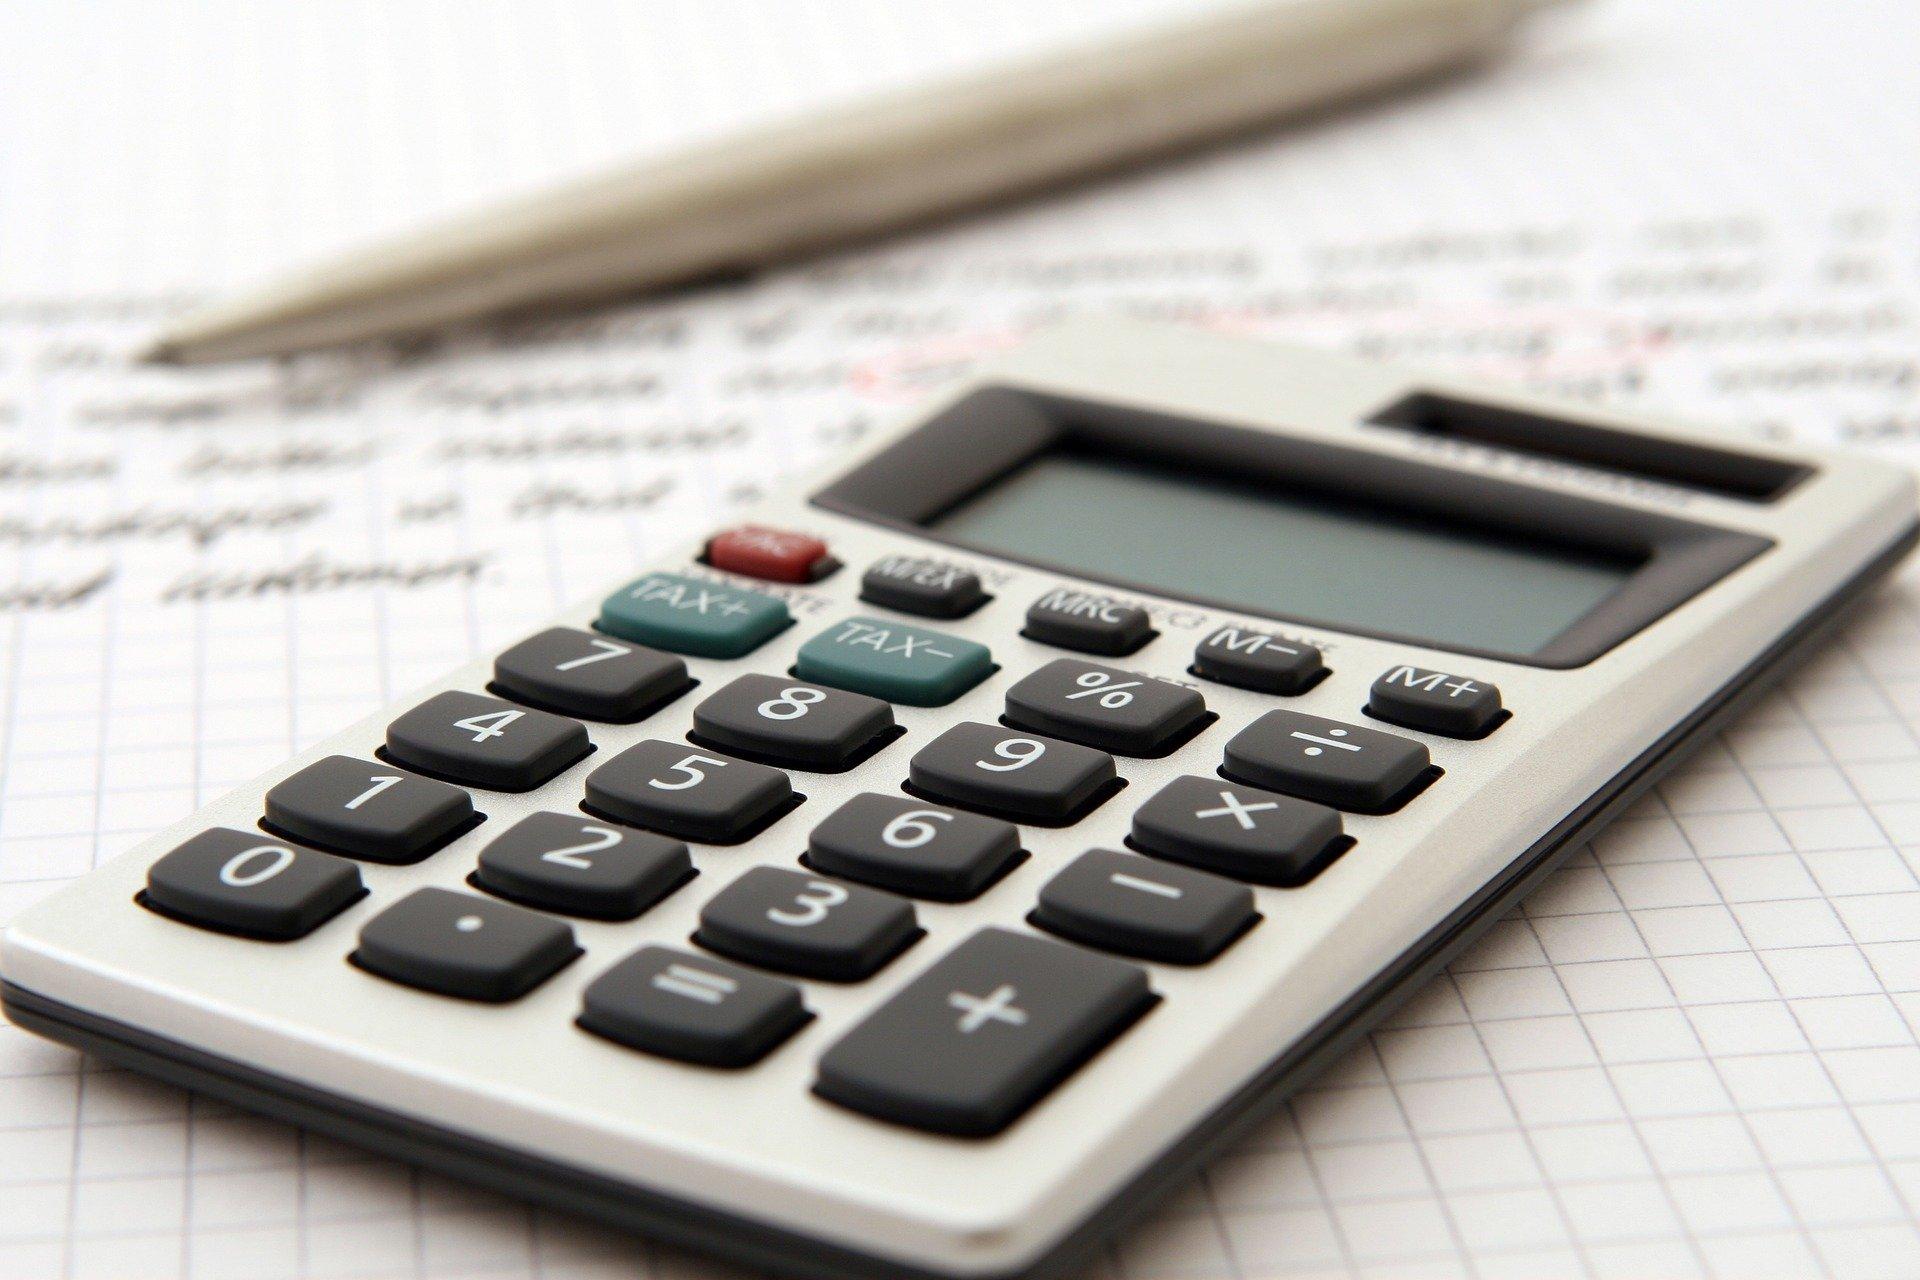 IMAGEM: Dívida pública cai para 86,7% do PIB